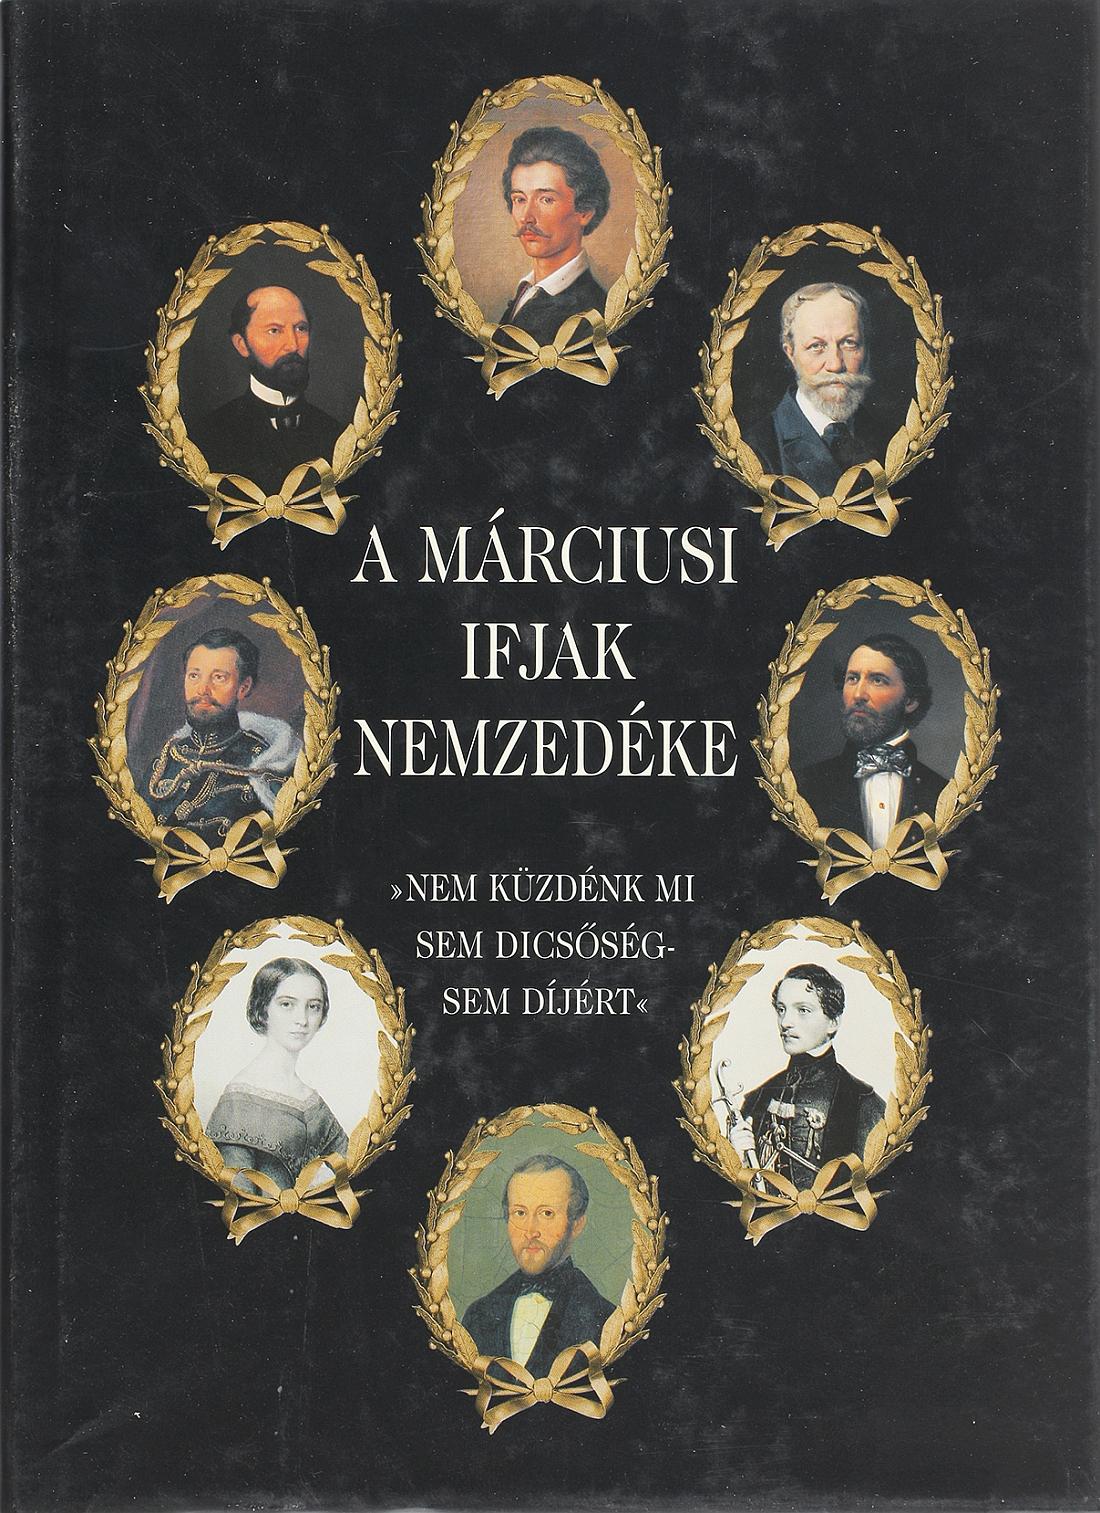 Könyv | A márciusi ifjak nemzedéke